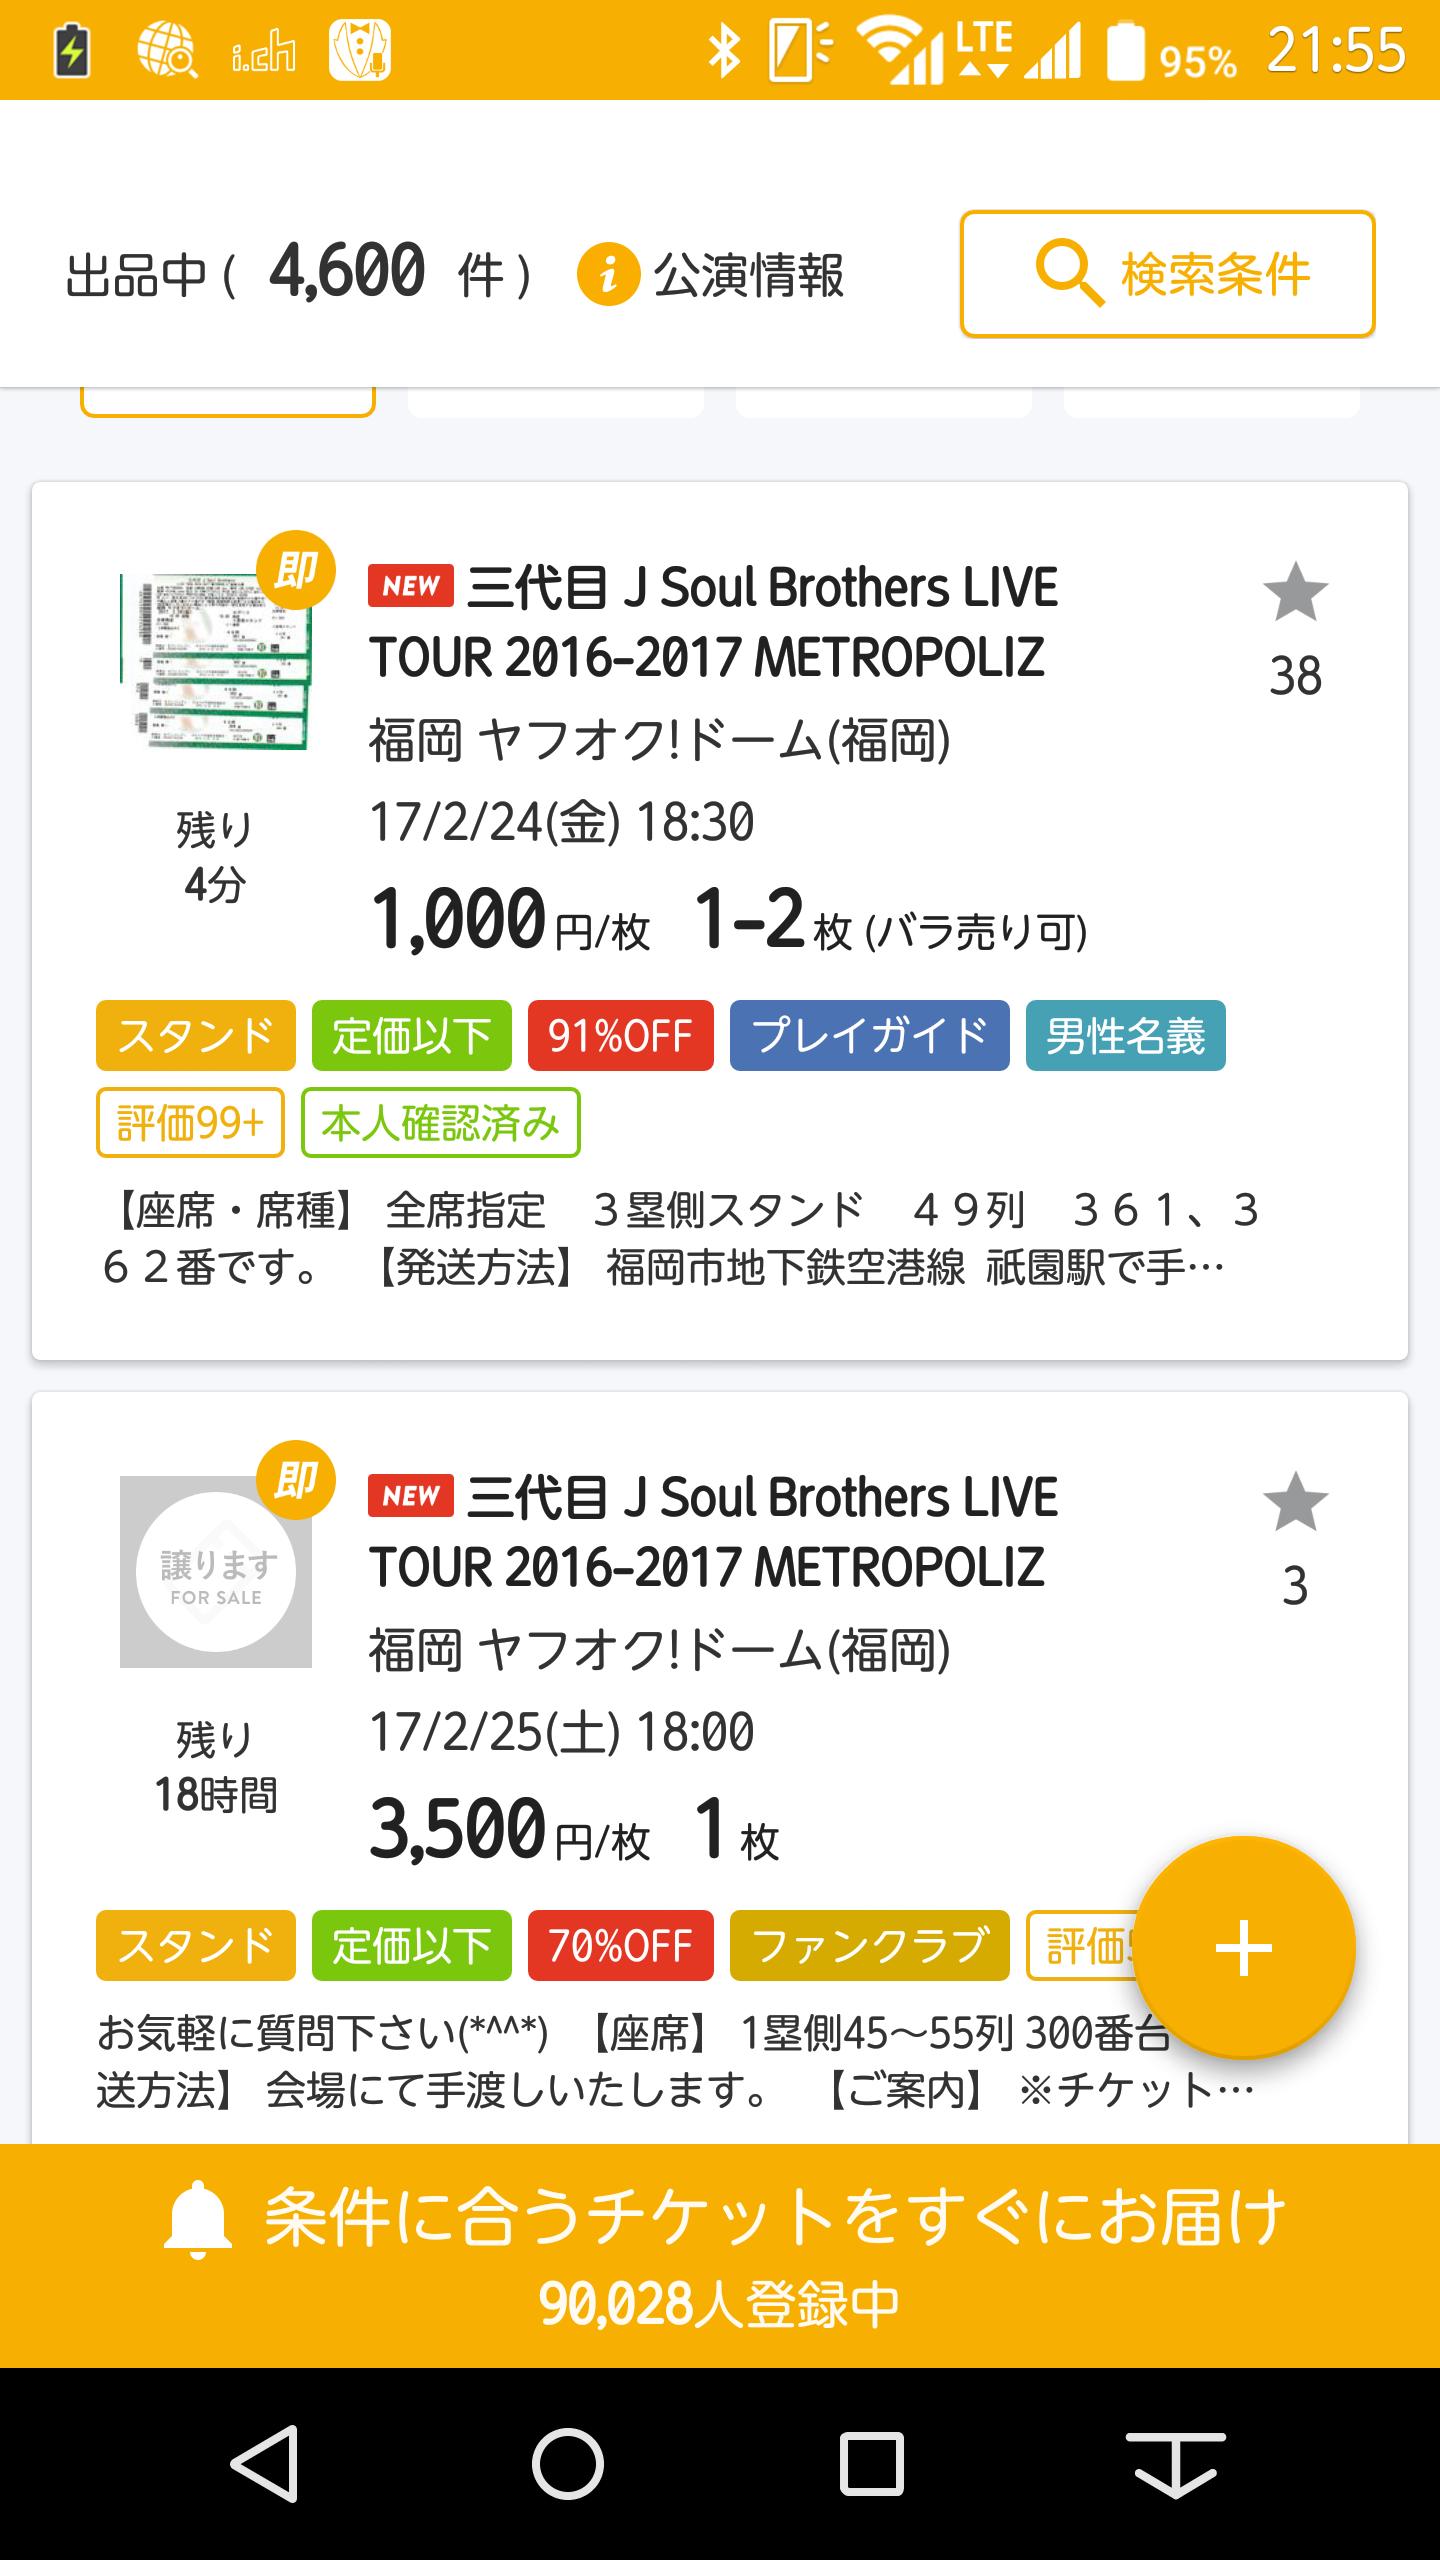 三代目 ライブ 東京 ドーム 座席